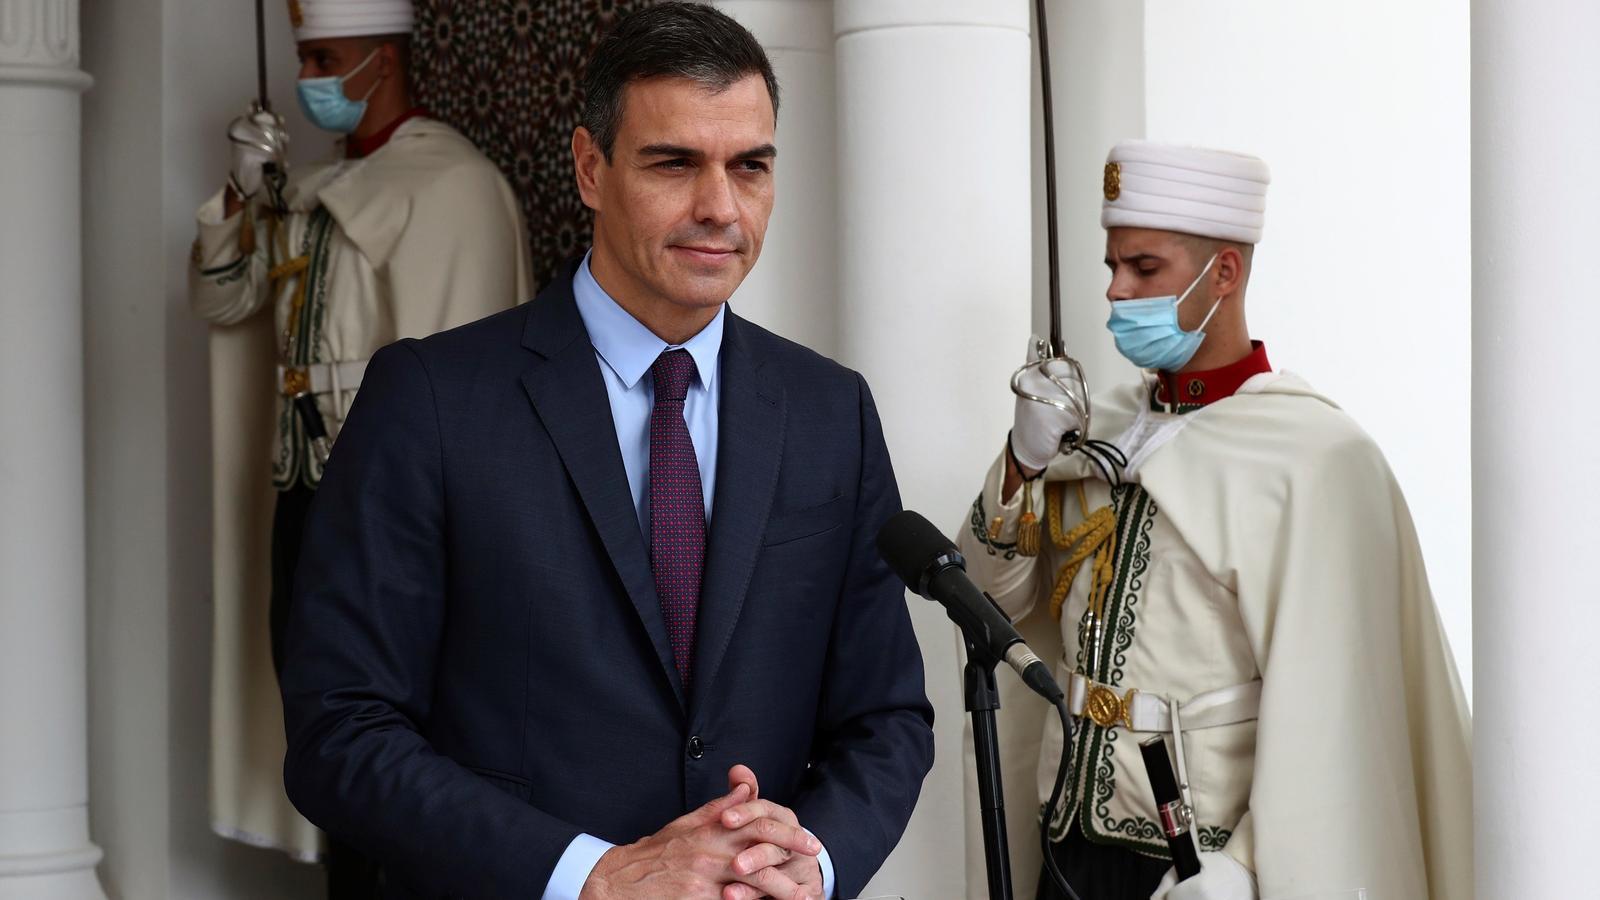 El president de Govern, Pedro Sánchez, ofereix un discurs durant la seva visita oficial, a Alger